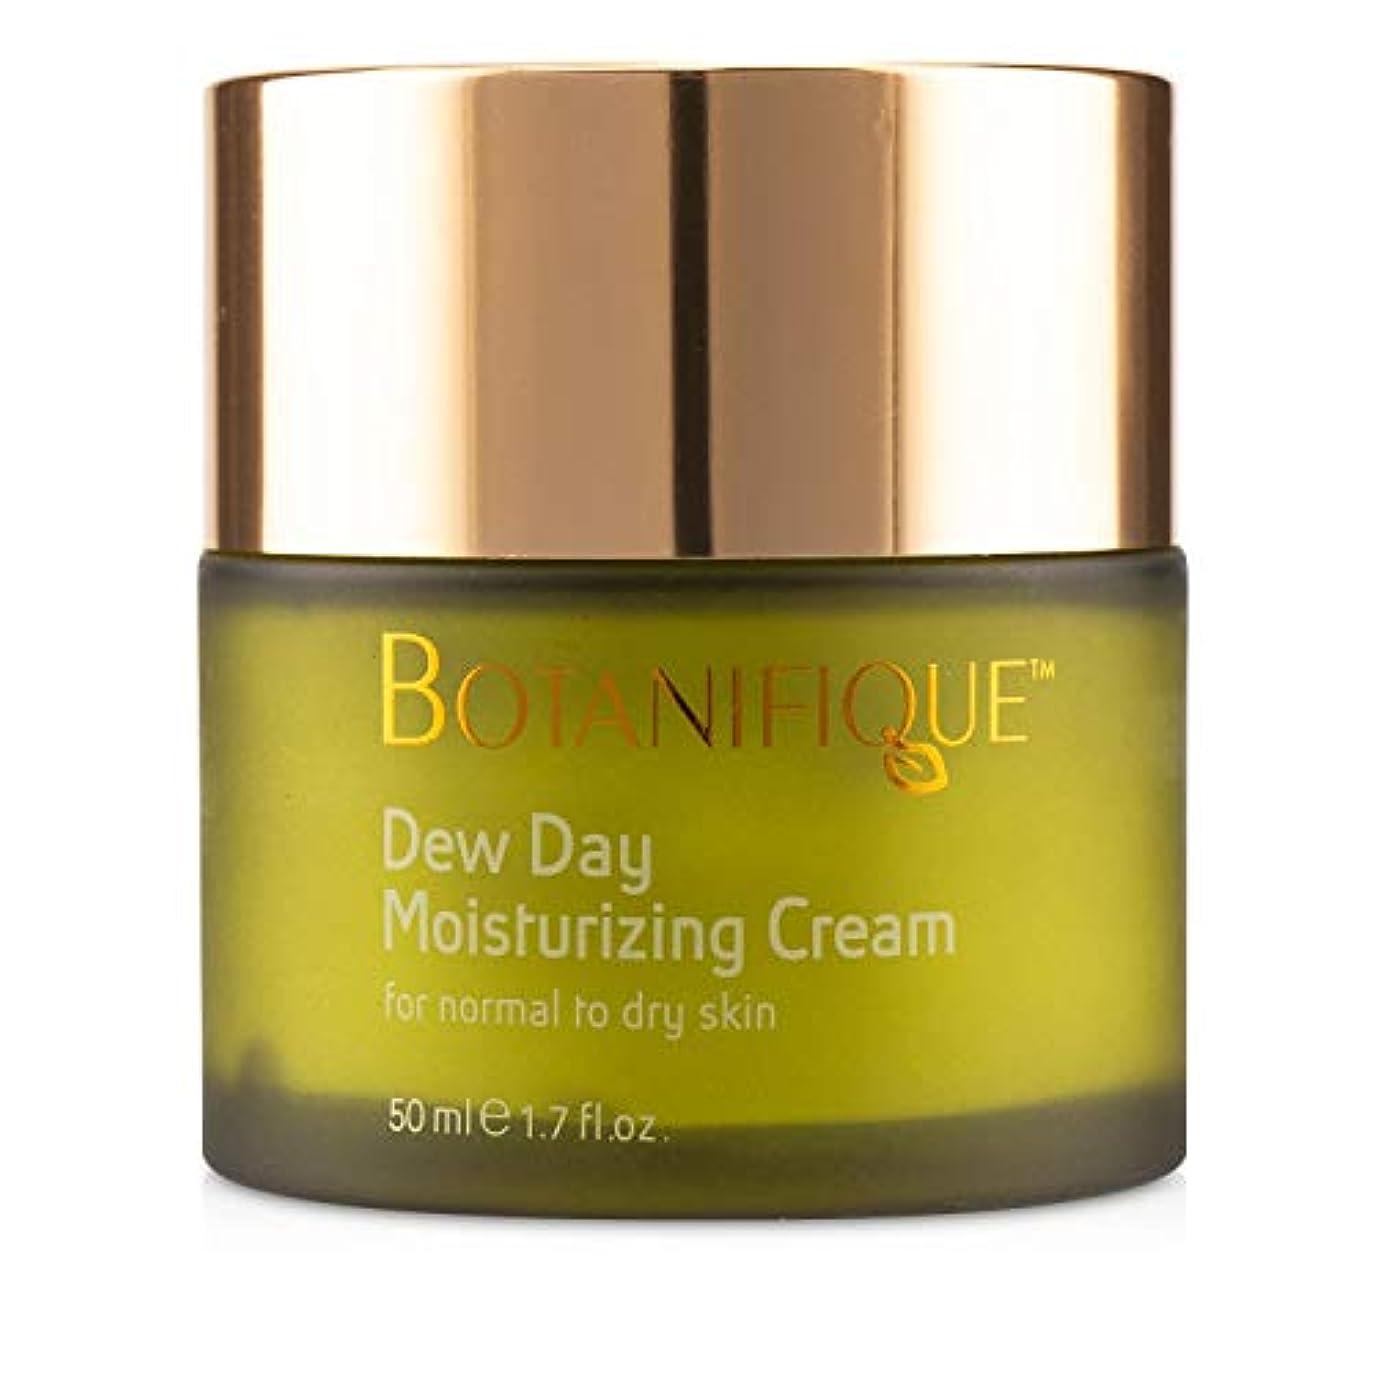 入射大西洋イヤホンBotanifique Dew Day Moisturizing Cream - For Normal to Dry Skin 50ml/1.7oz並行輸入品